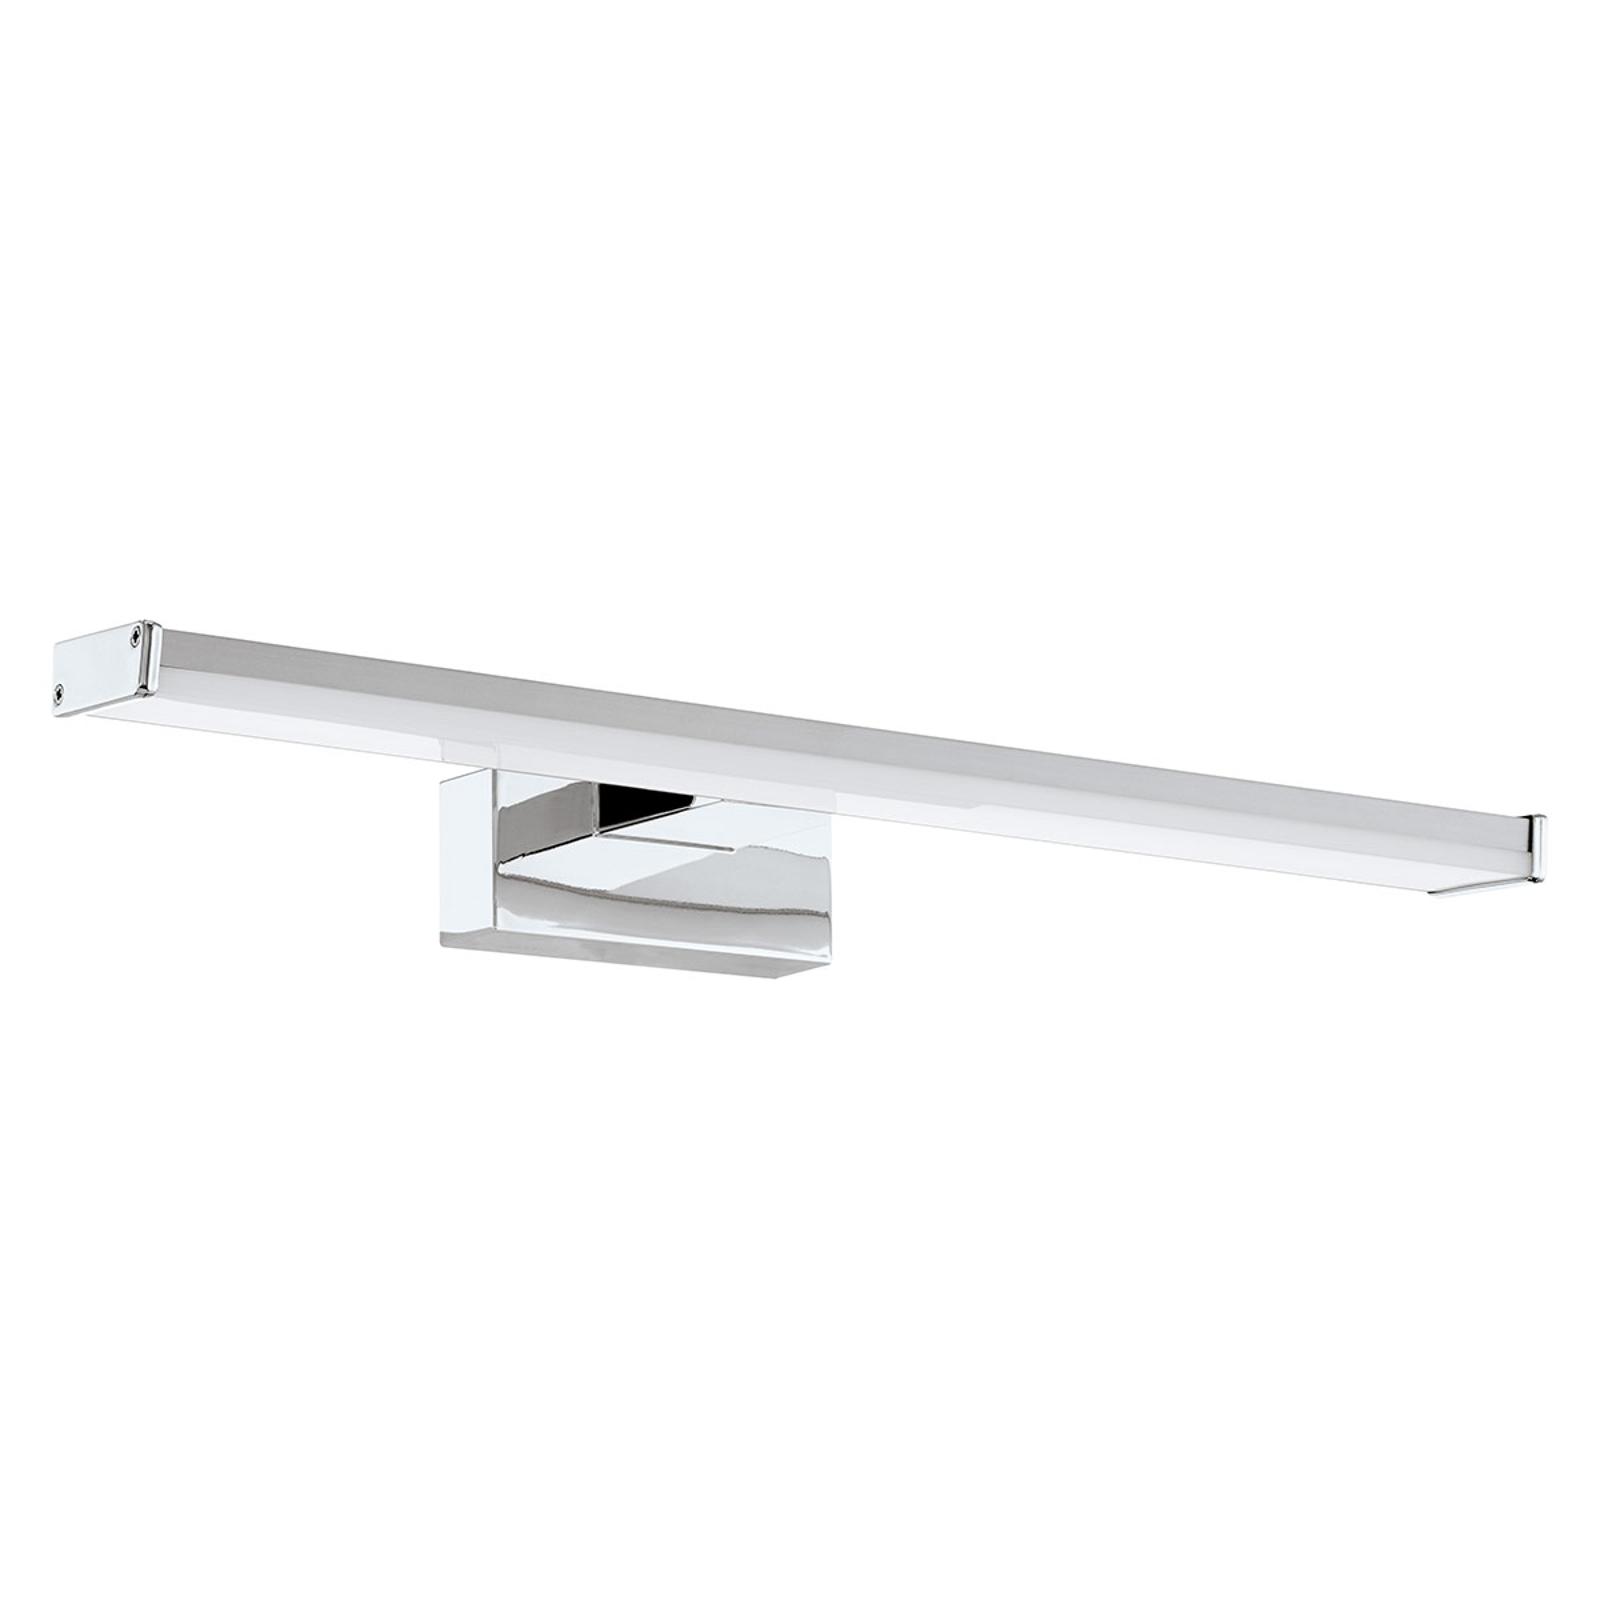 Applique pour miroir LED Pandella 1